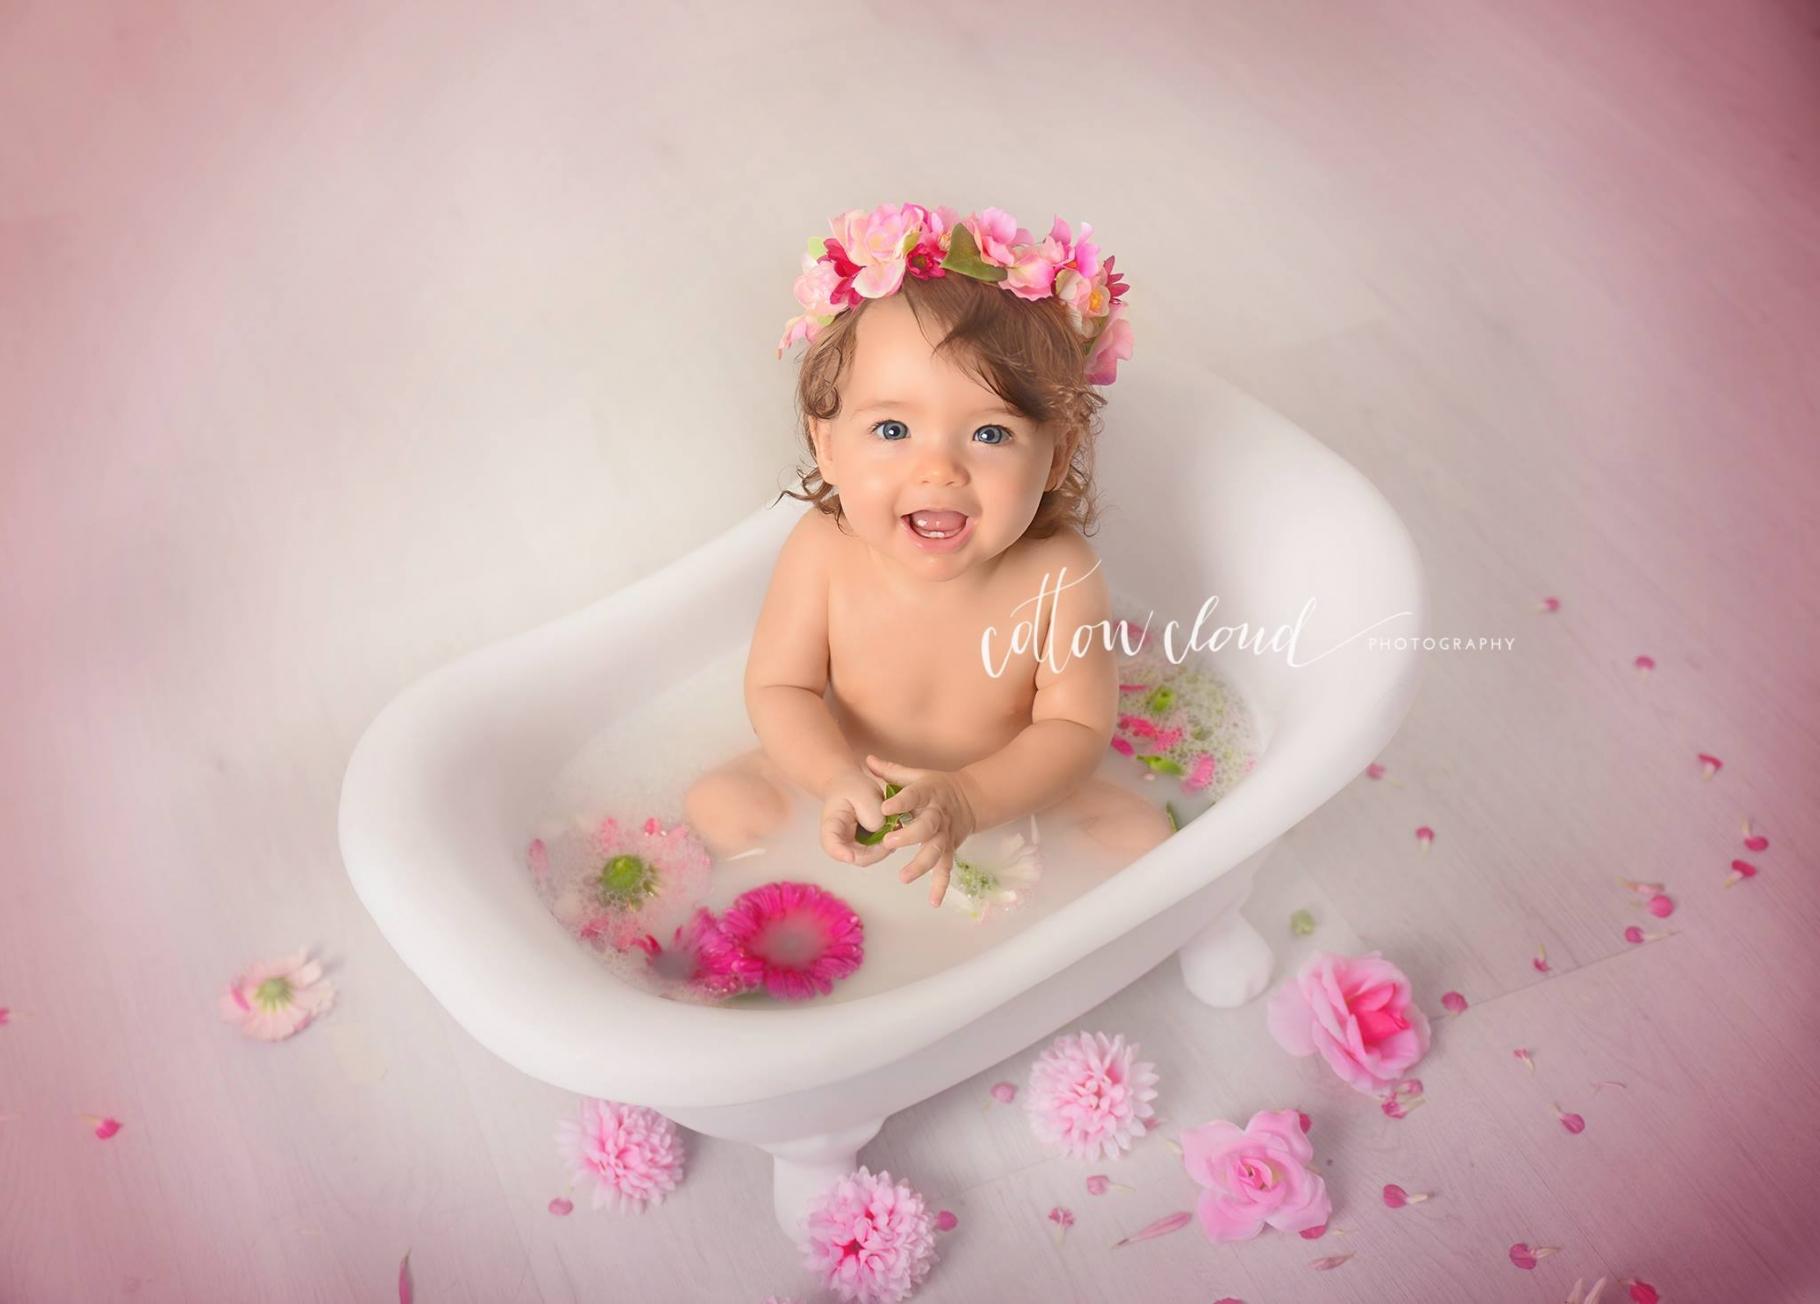 ensaio milk bath